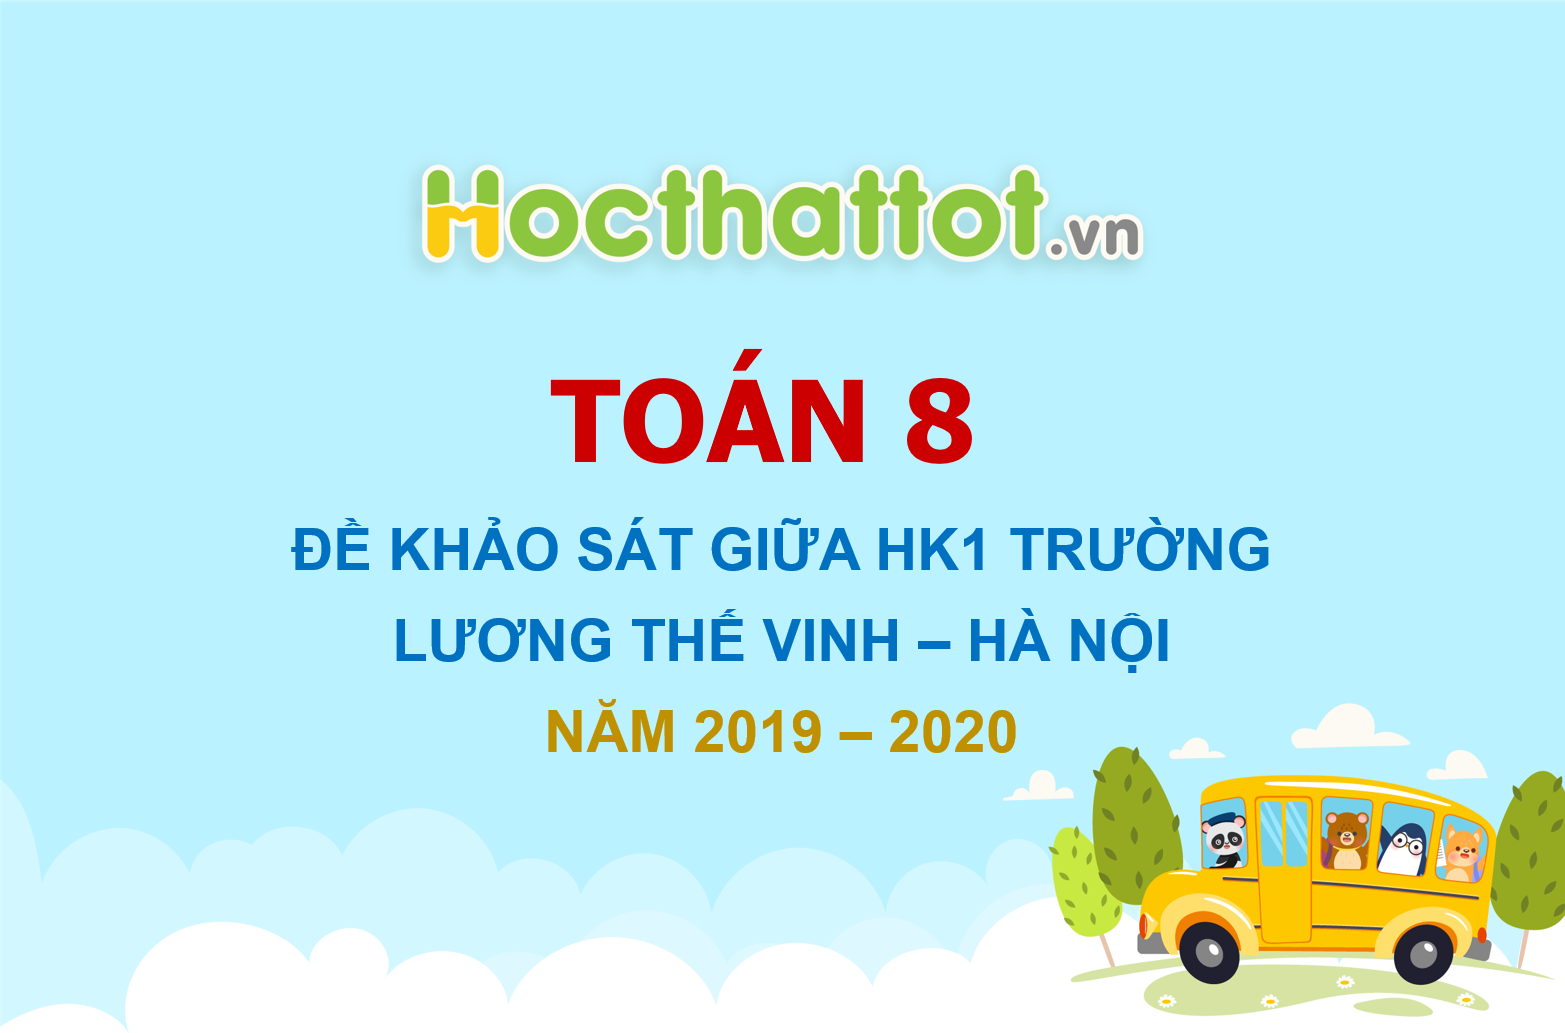 de-khao-sat-giua-hk1-toan-8-nam-2019-2020-truong-luong-the-vinh-ha-noi